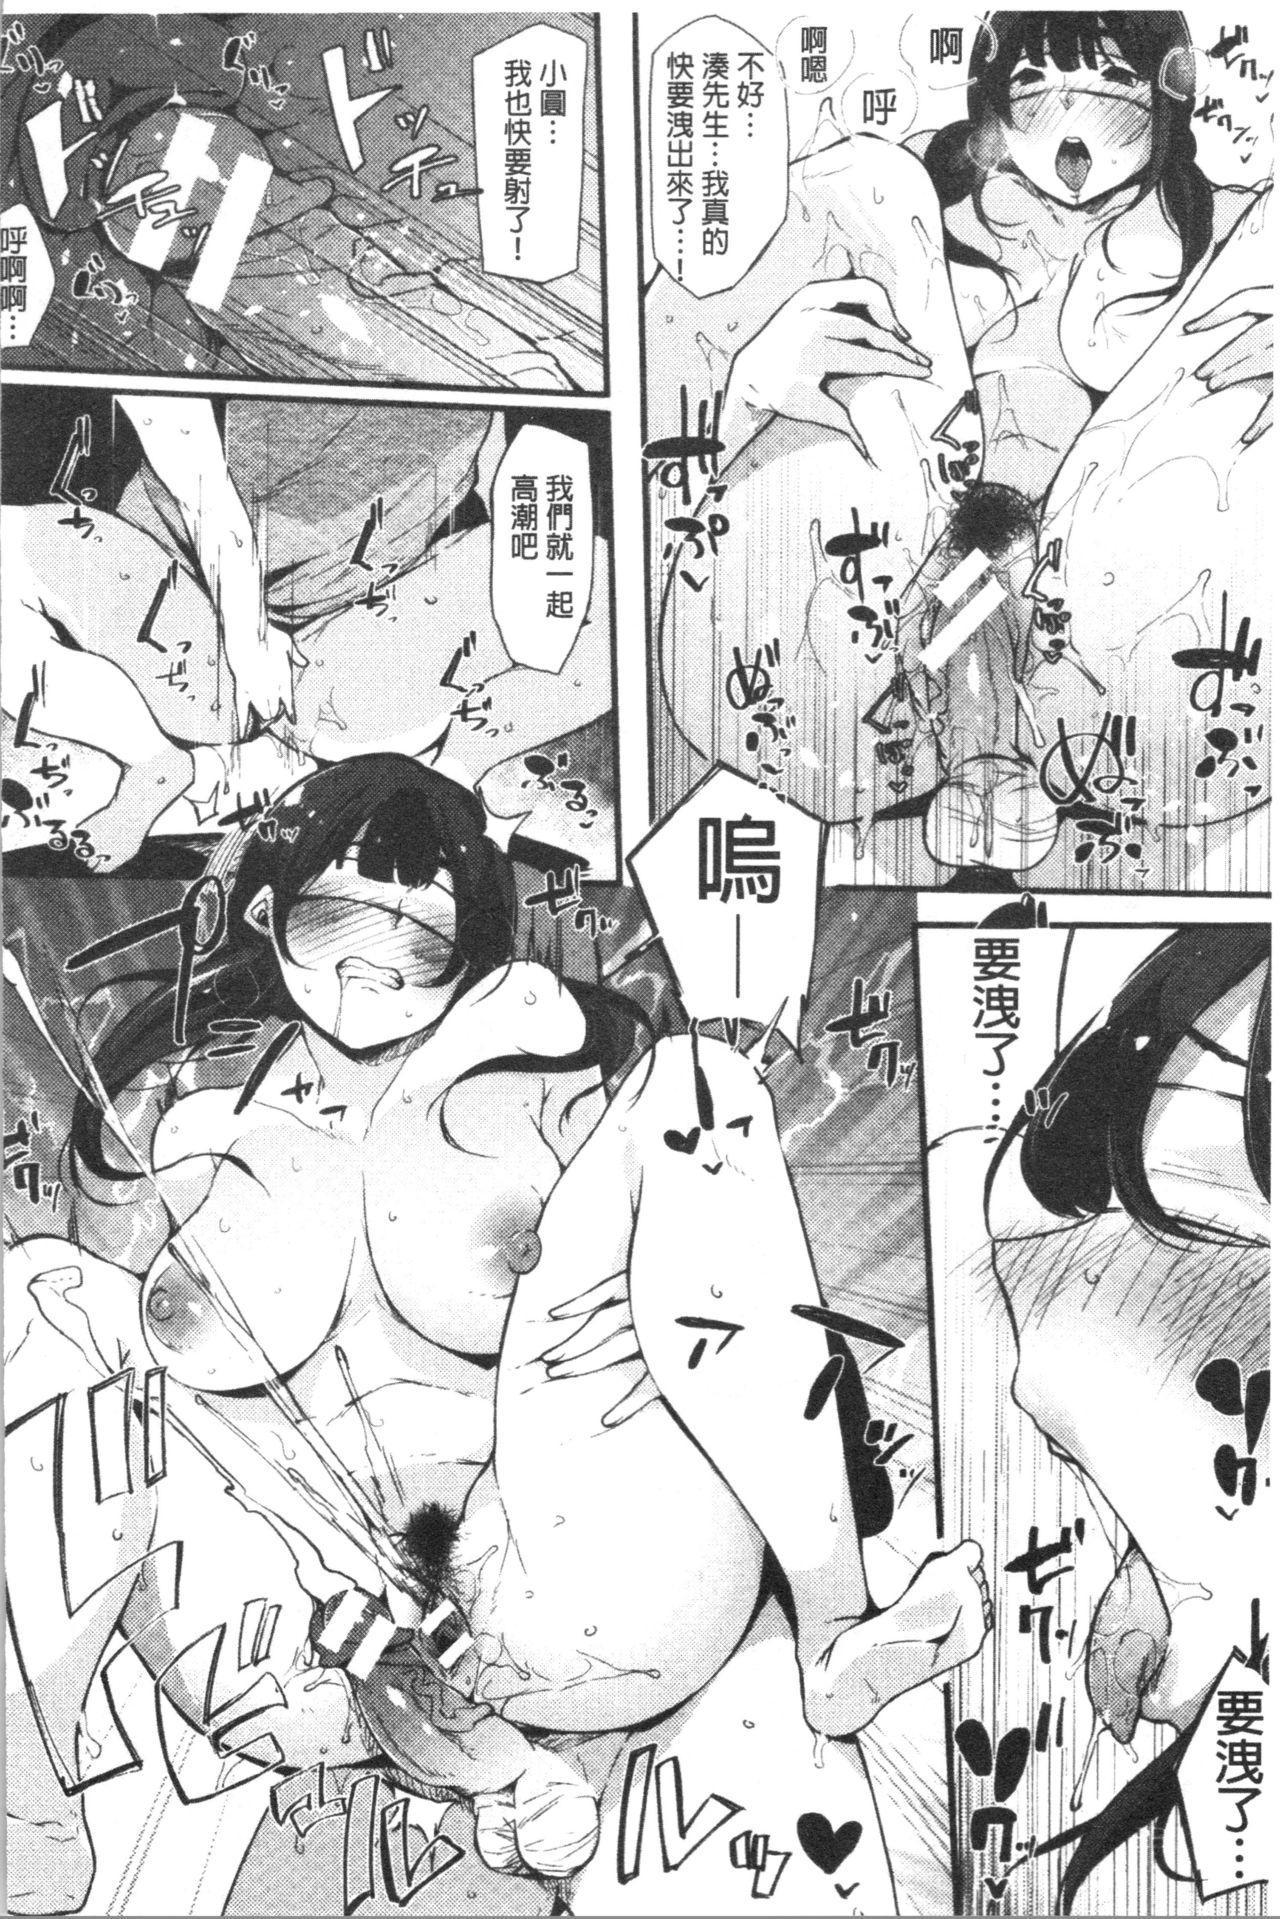 Hametomo Onna Tomodachi ga SeFri-ka shita Hi | 性愛砲友 女友們都變砲友化的日子 55